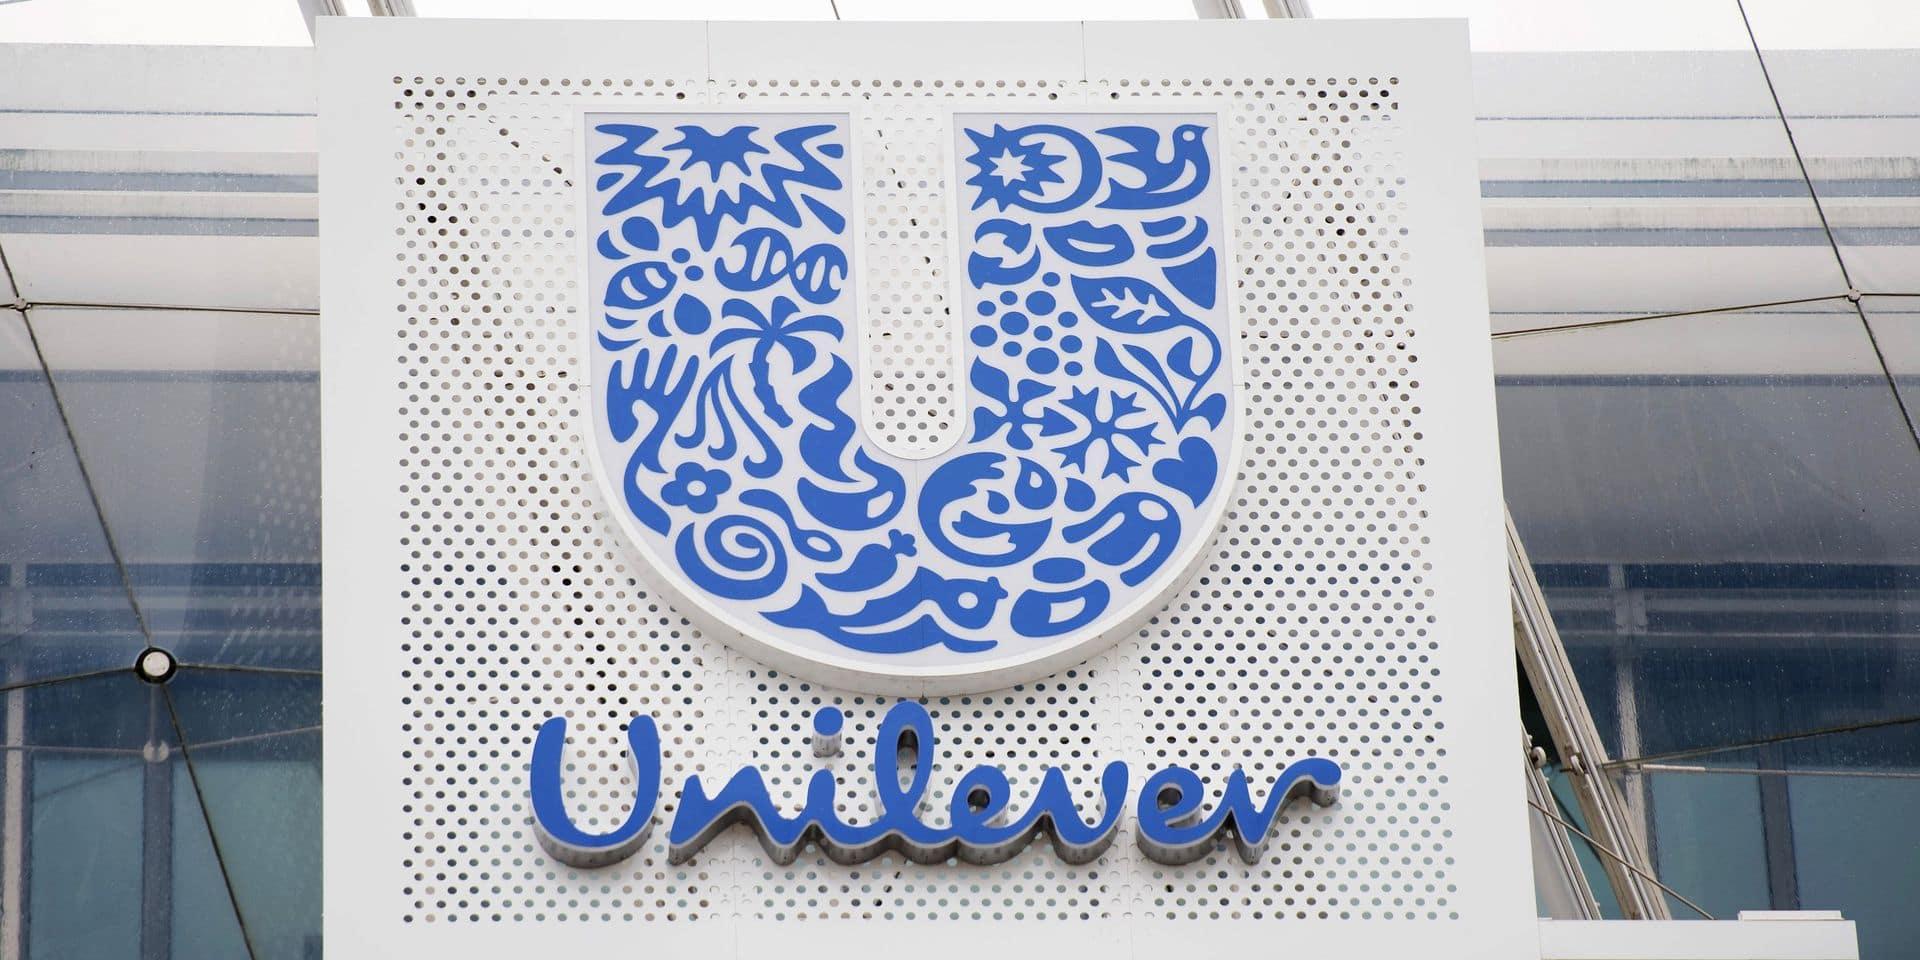 Active dans l'agroalimentaire, Unilever veut s'impliquer dans la lutte contre le changement climatique et les inégalités sociales.